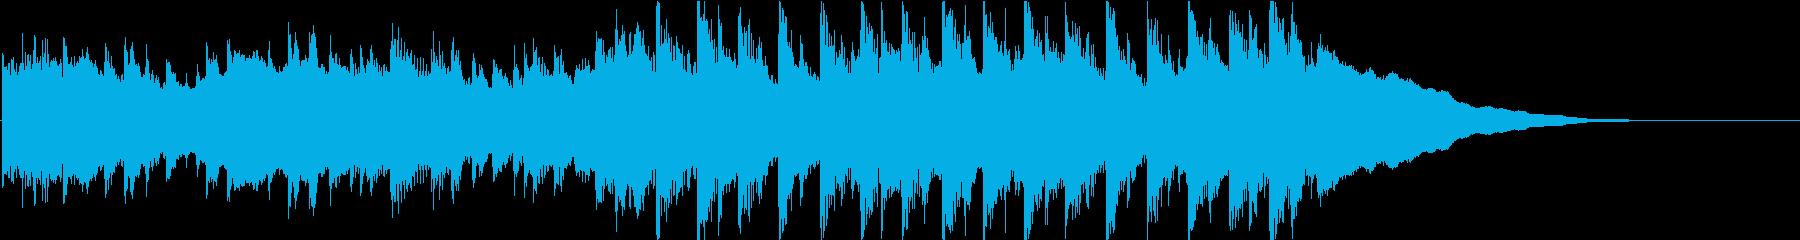 【ジングル】さわやか・朝・ポップの再生済みの波形